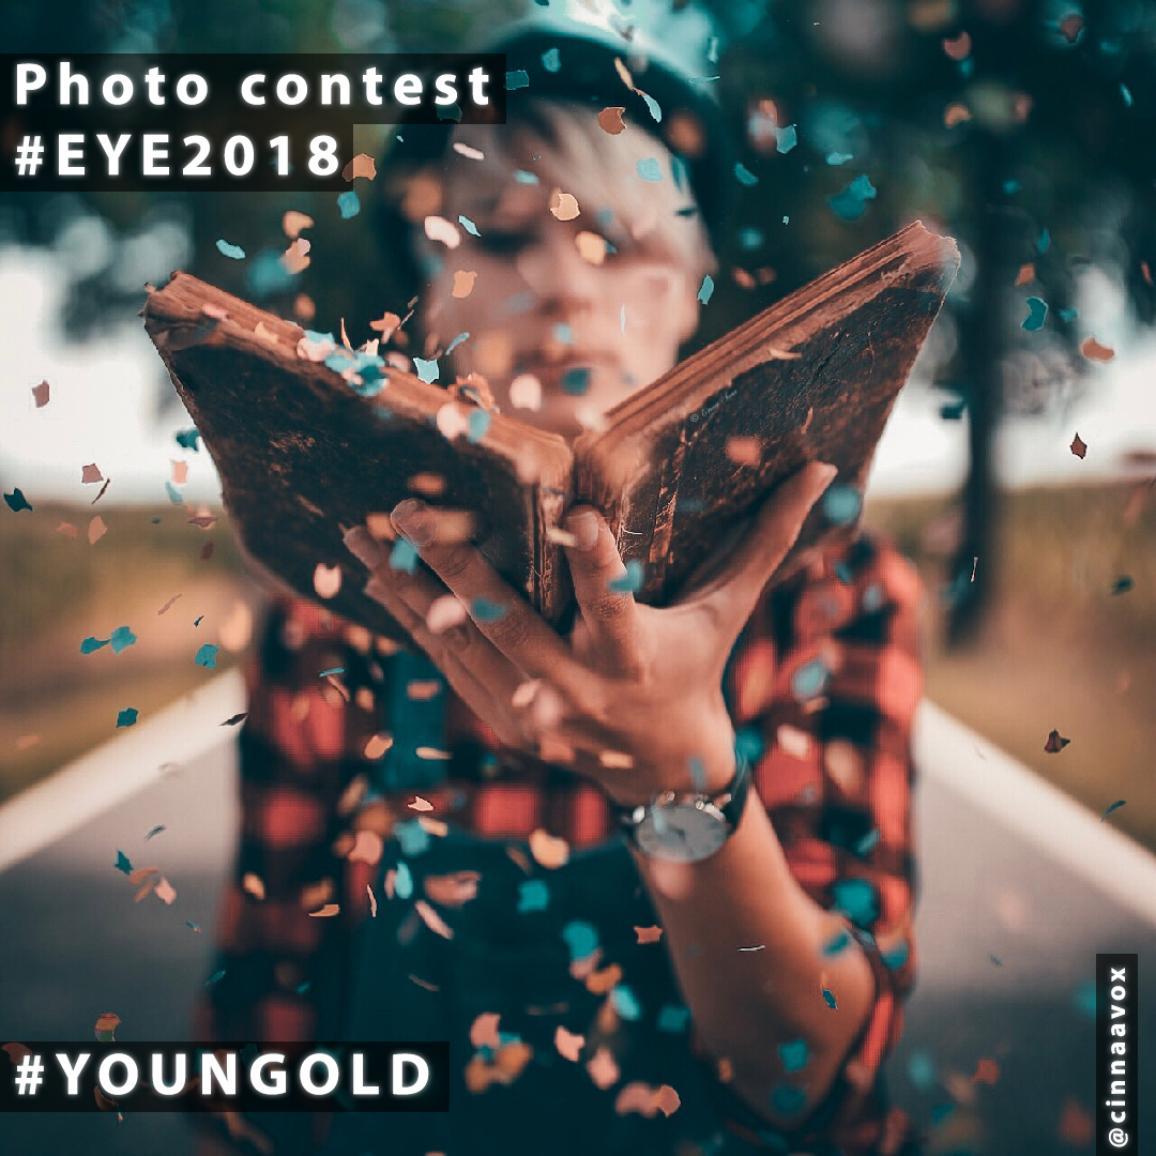 fotografia mladej ženy, ktorá drží knihu, z ktorej vyletujú farebné kúsky papiera.